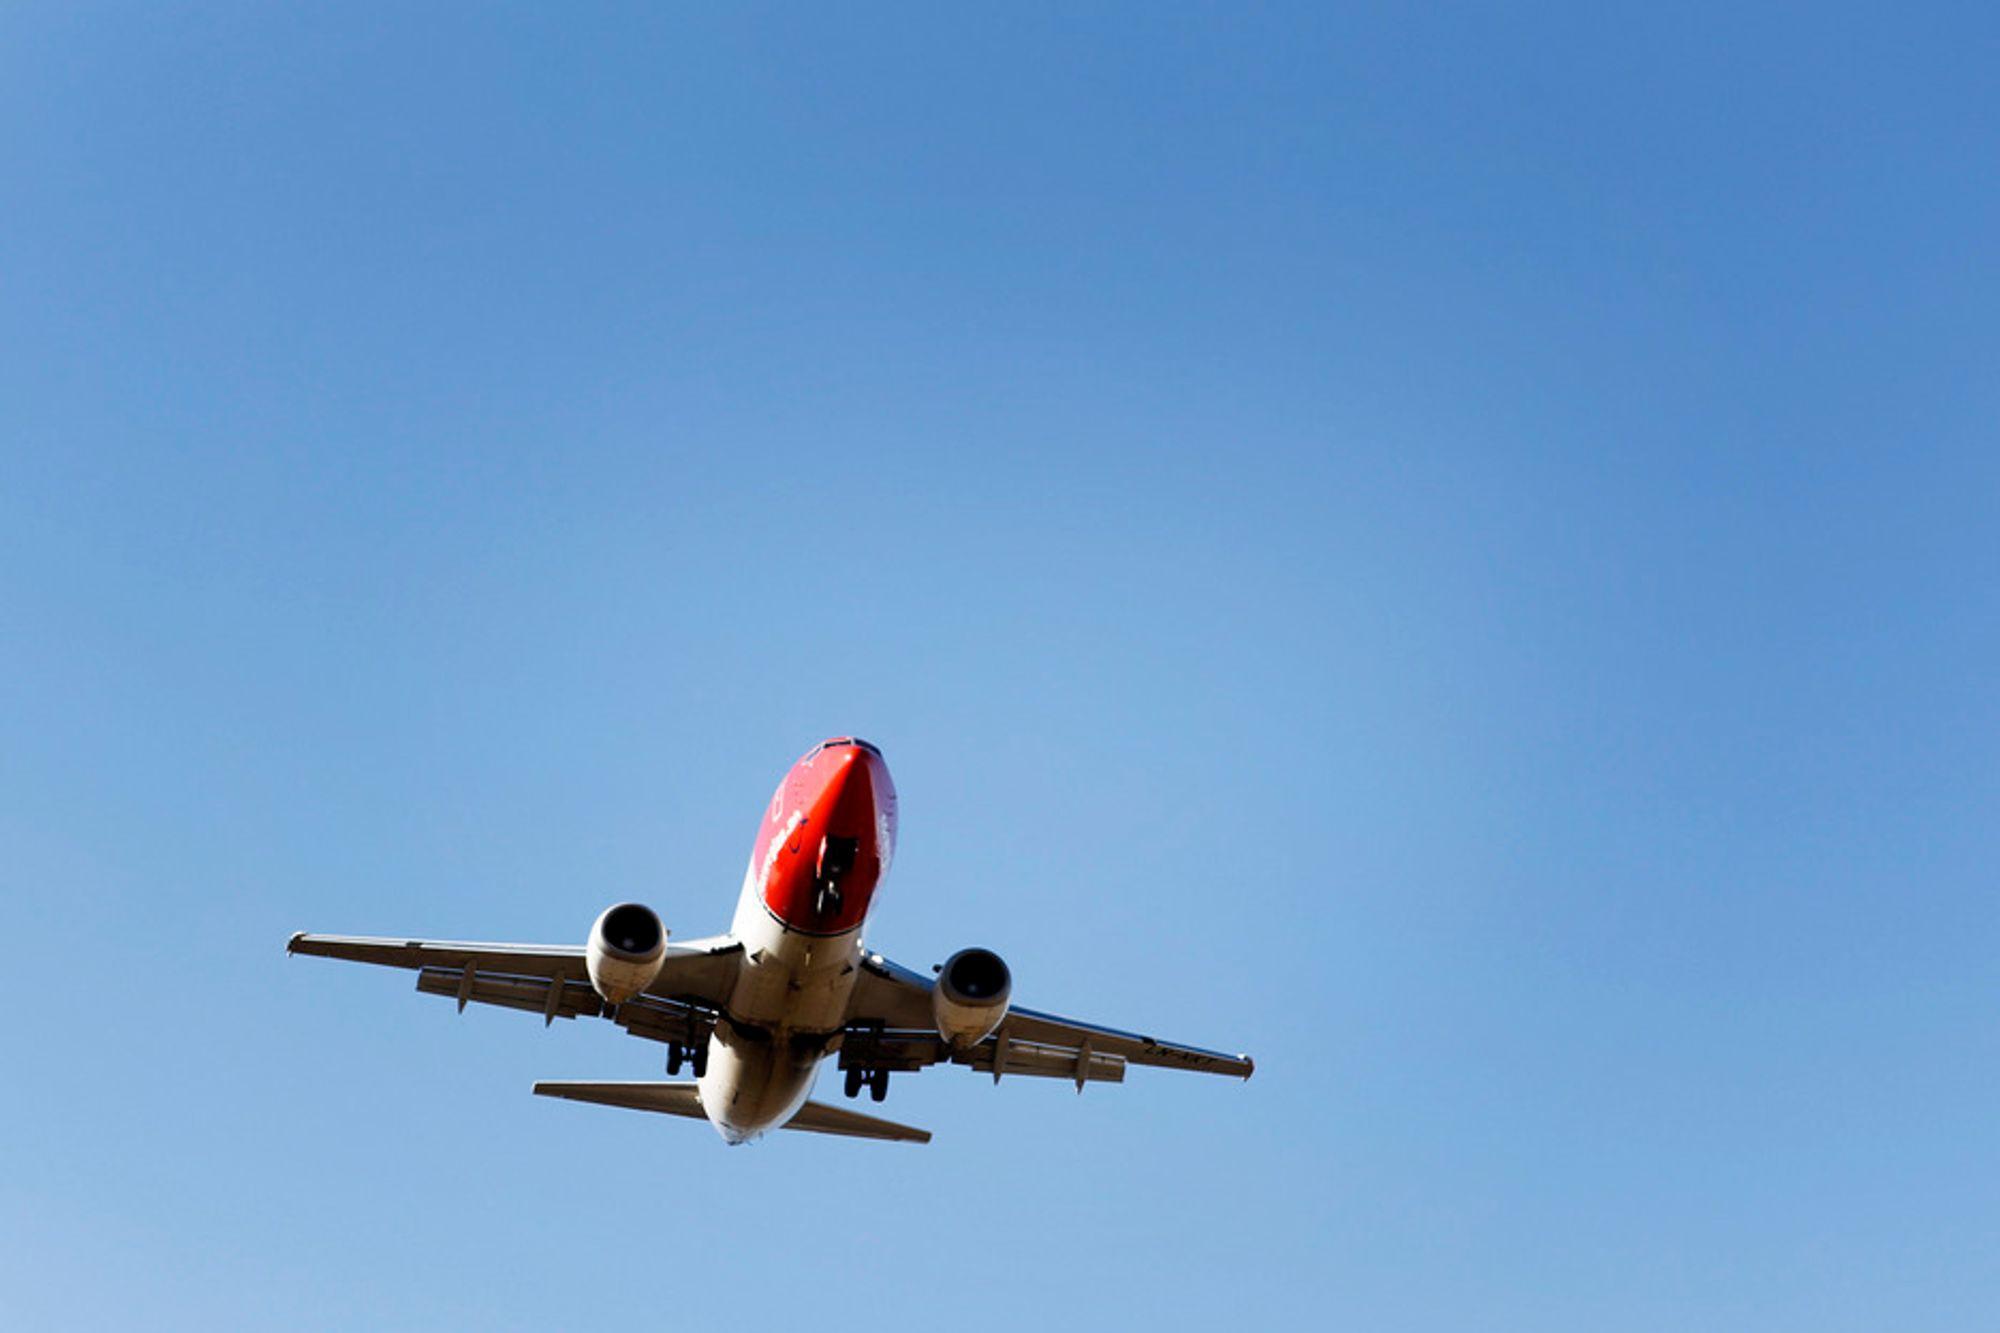 REGELBRUDD: 20 prosent av alle avganger fra Oslo lufthavn Gardermoen bryter reglene ved å fly utenfor de definerte luftkorridorene. Illustrasjonsfoto.